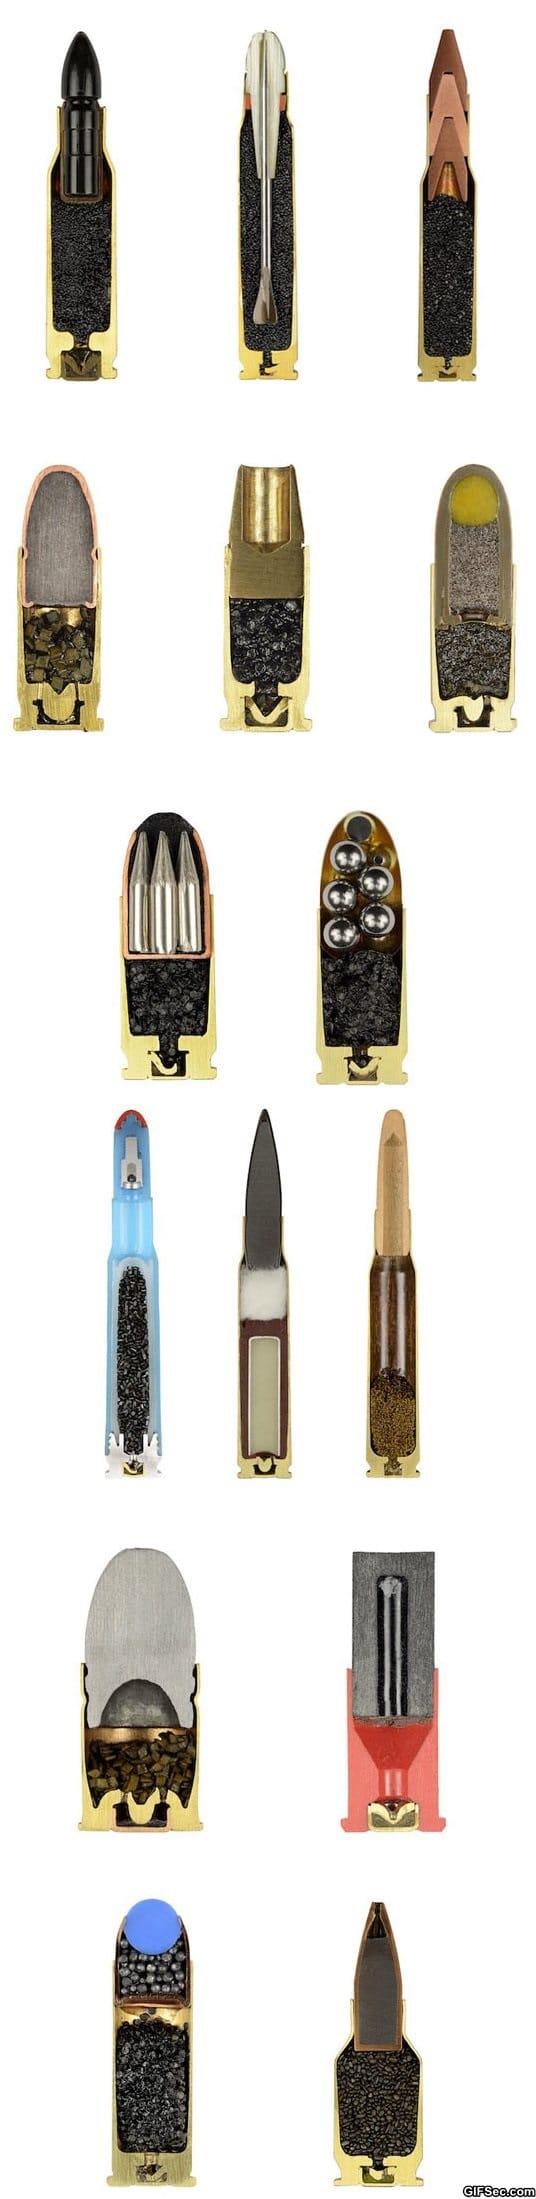 bullets-precisely-split-in-half